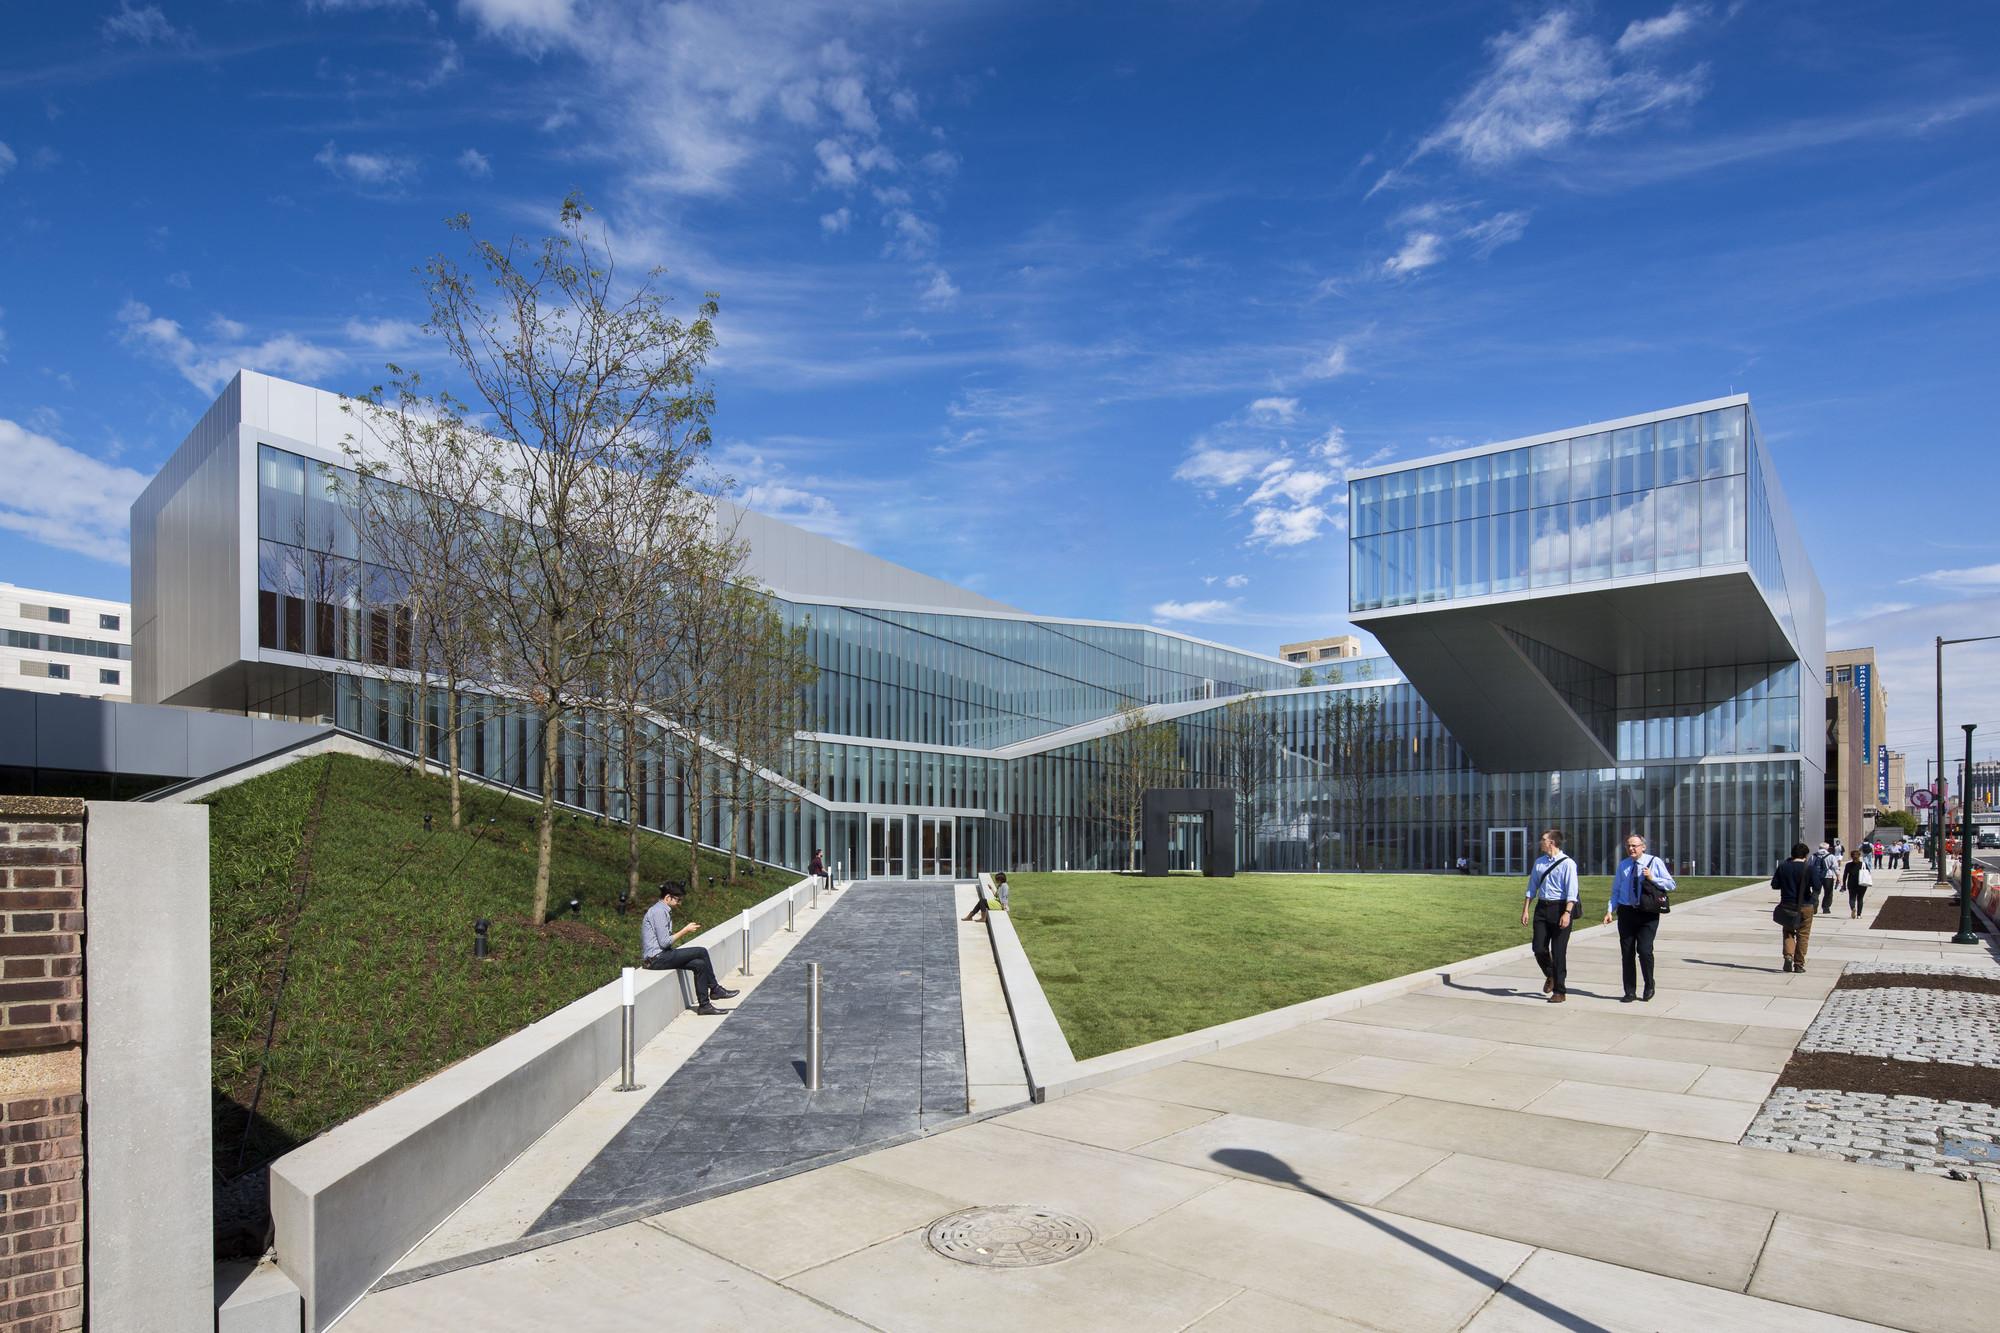 Krishna P. Singh Center for Nanotechnology / WEISS/MANFREDI, © Albert Večerka/Esto